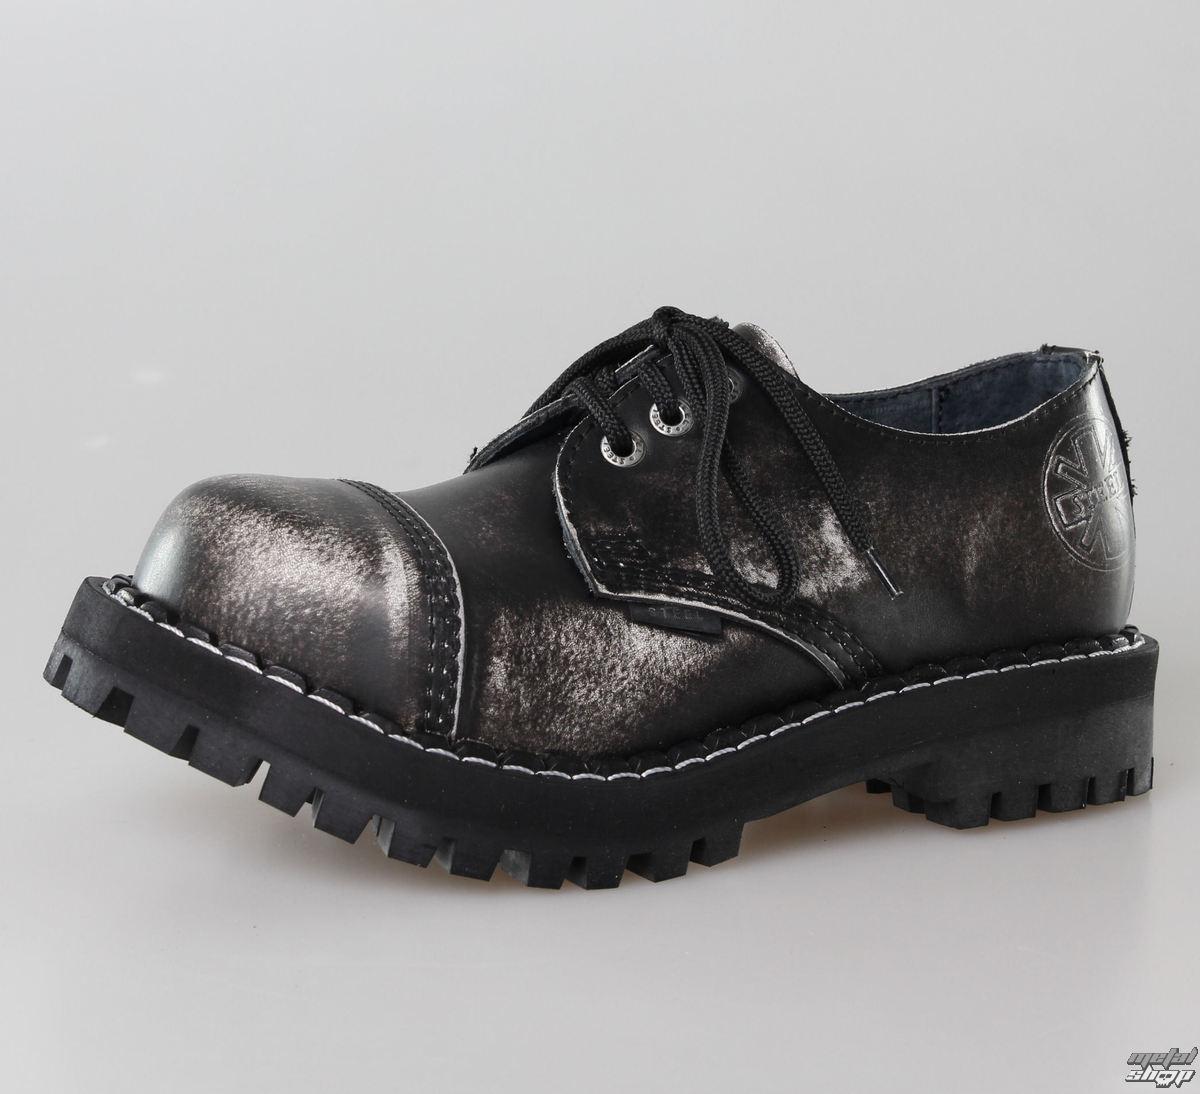 topánky STEEL - 10 dierkové čierne ( 105 106 Black) 10tich-dierkové ... 3a871c7b4a5a6